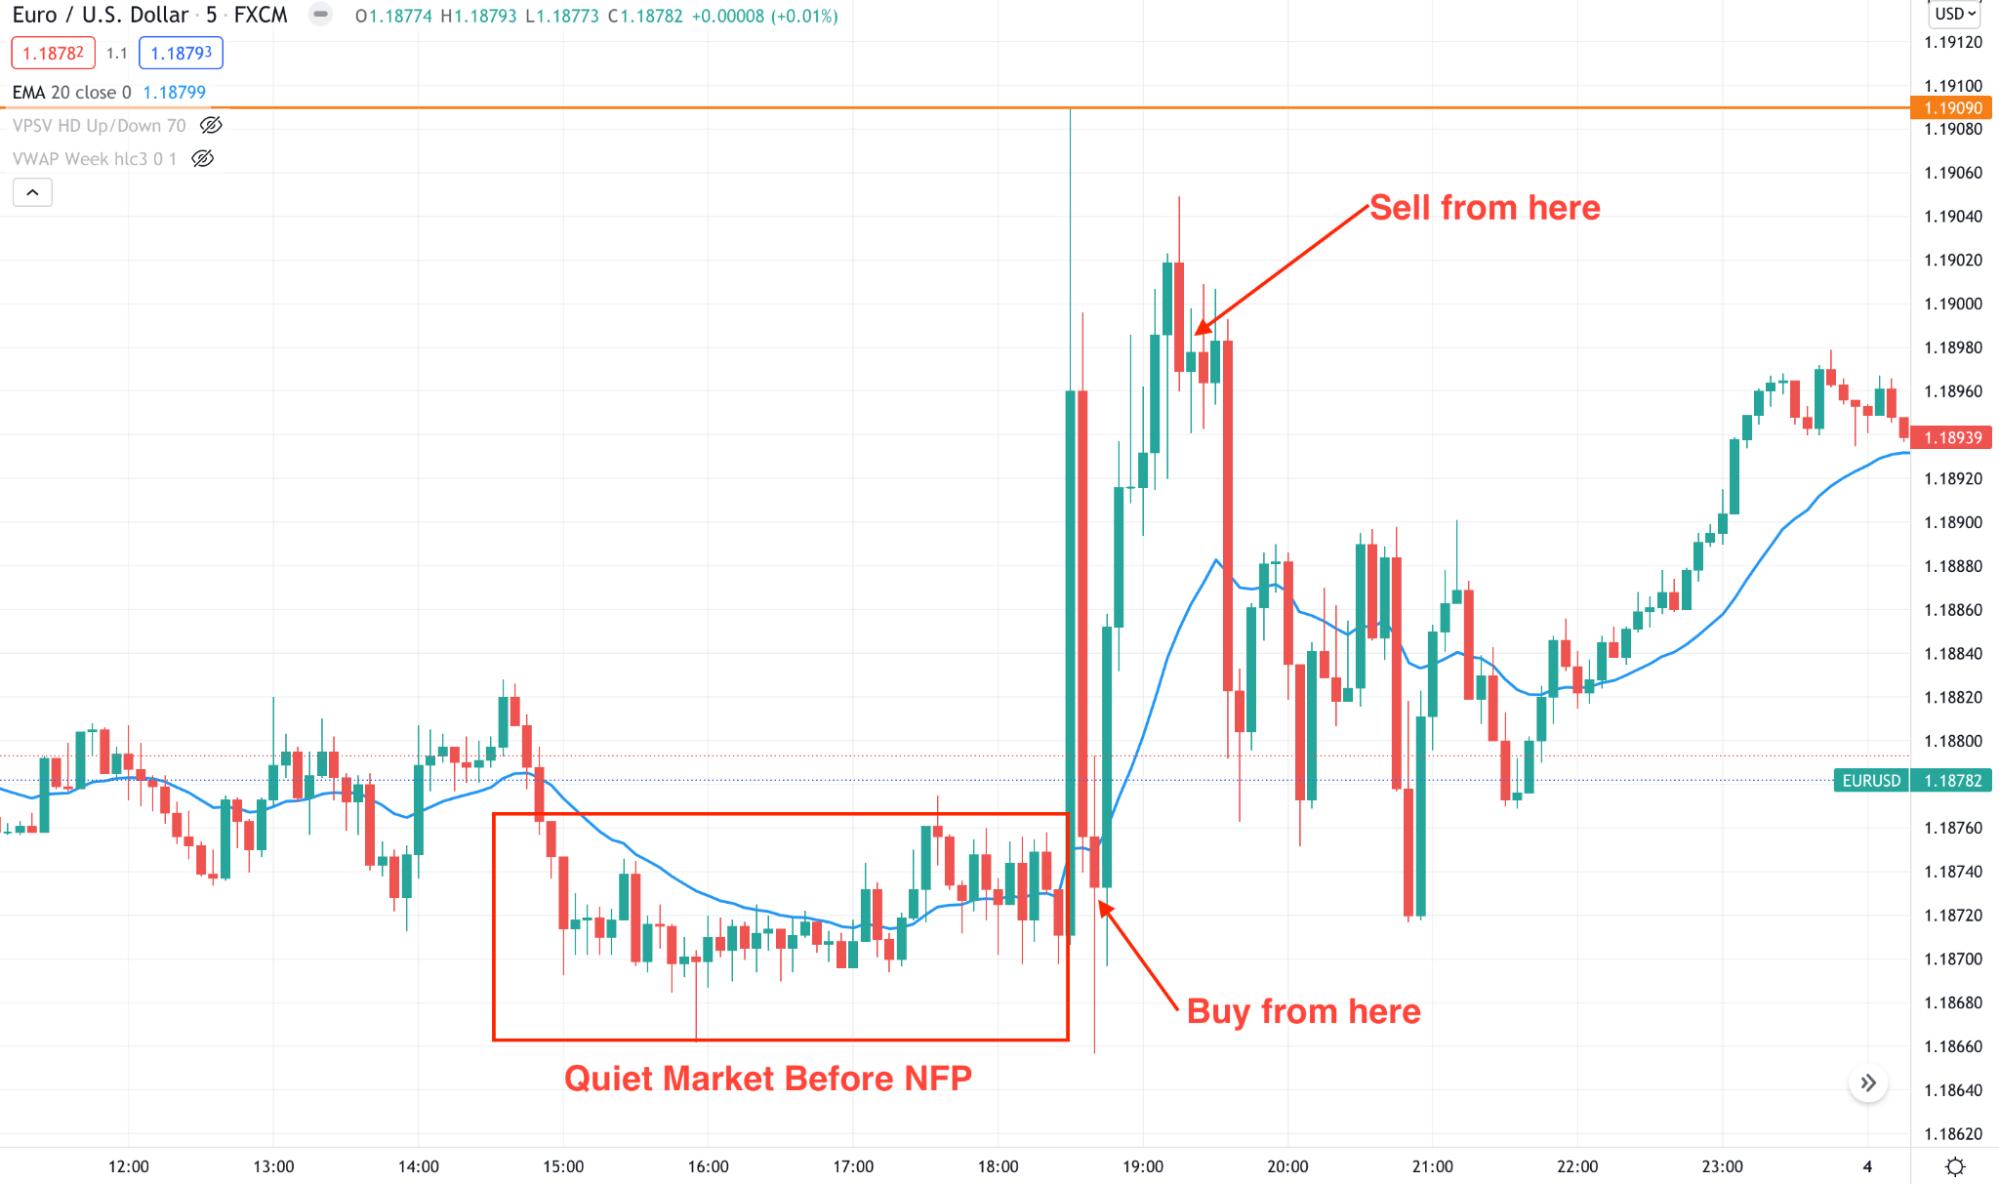 EUR/USD 5m chart